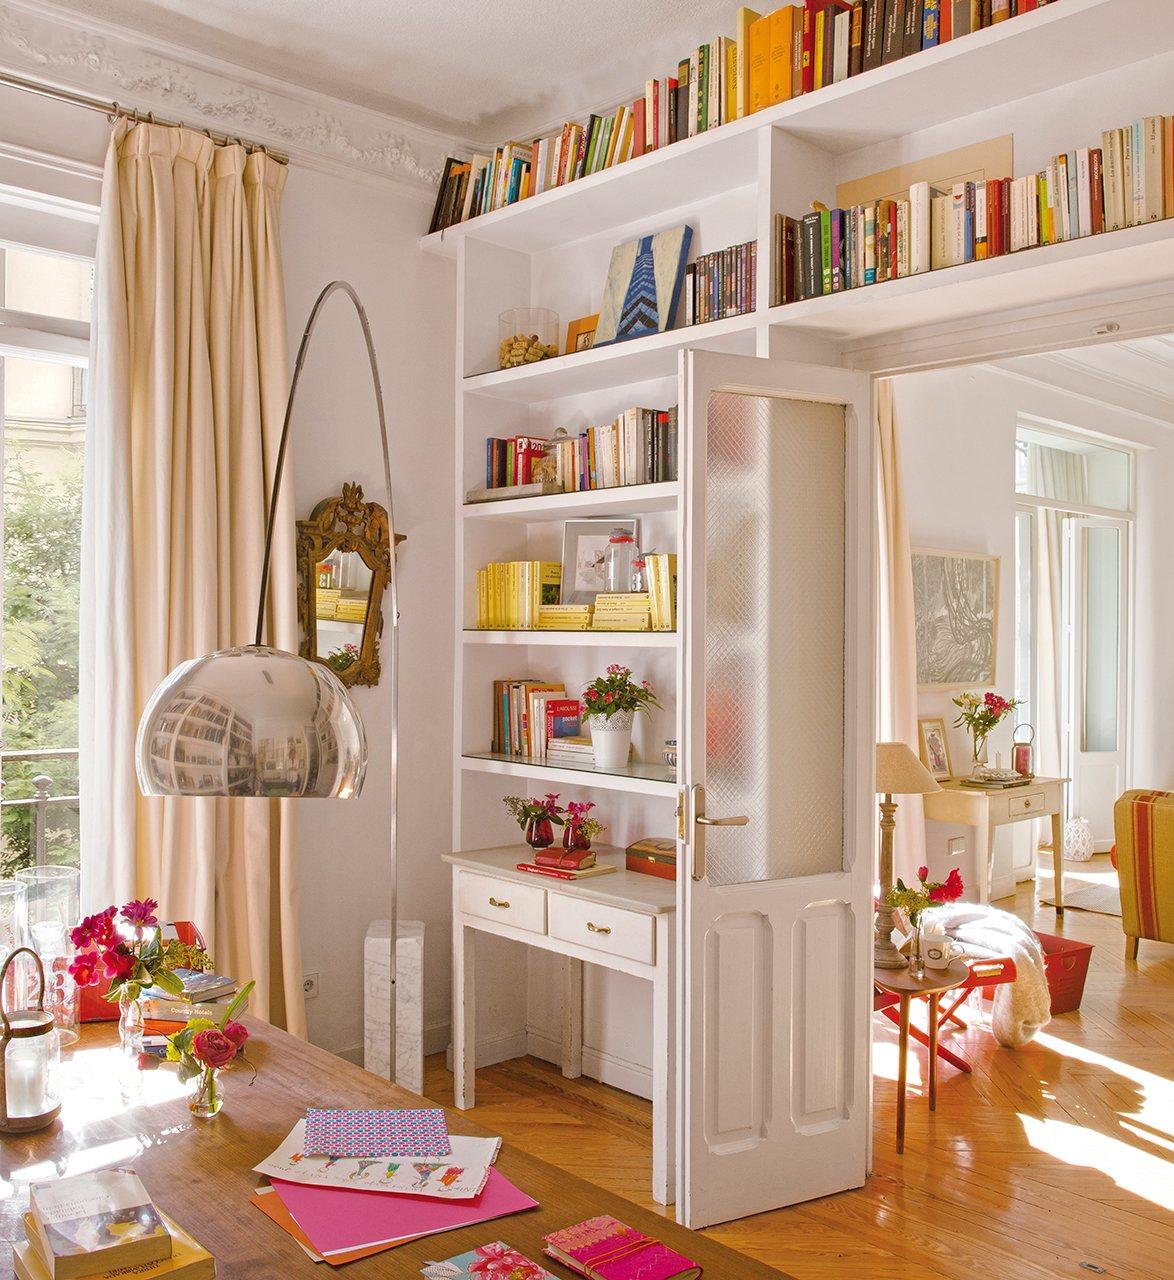 Книжные полки в интерьере - 50 фото примеров дизайна.